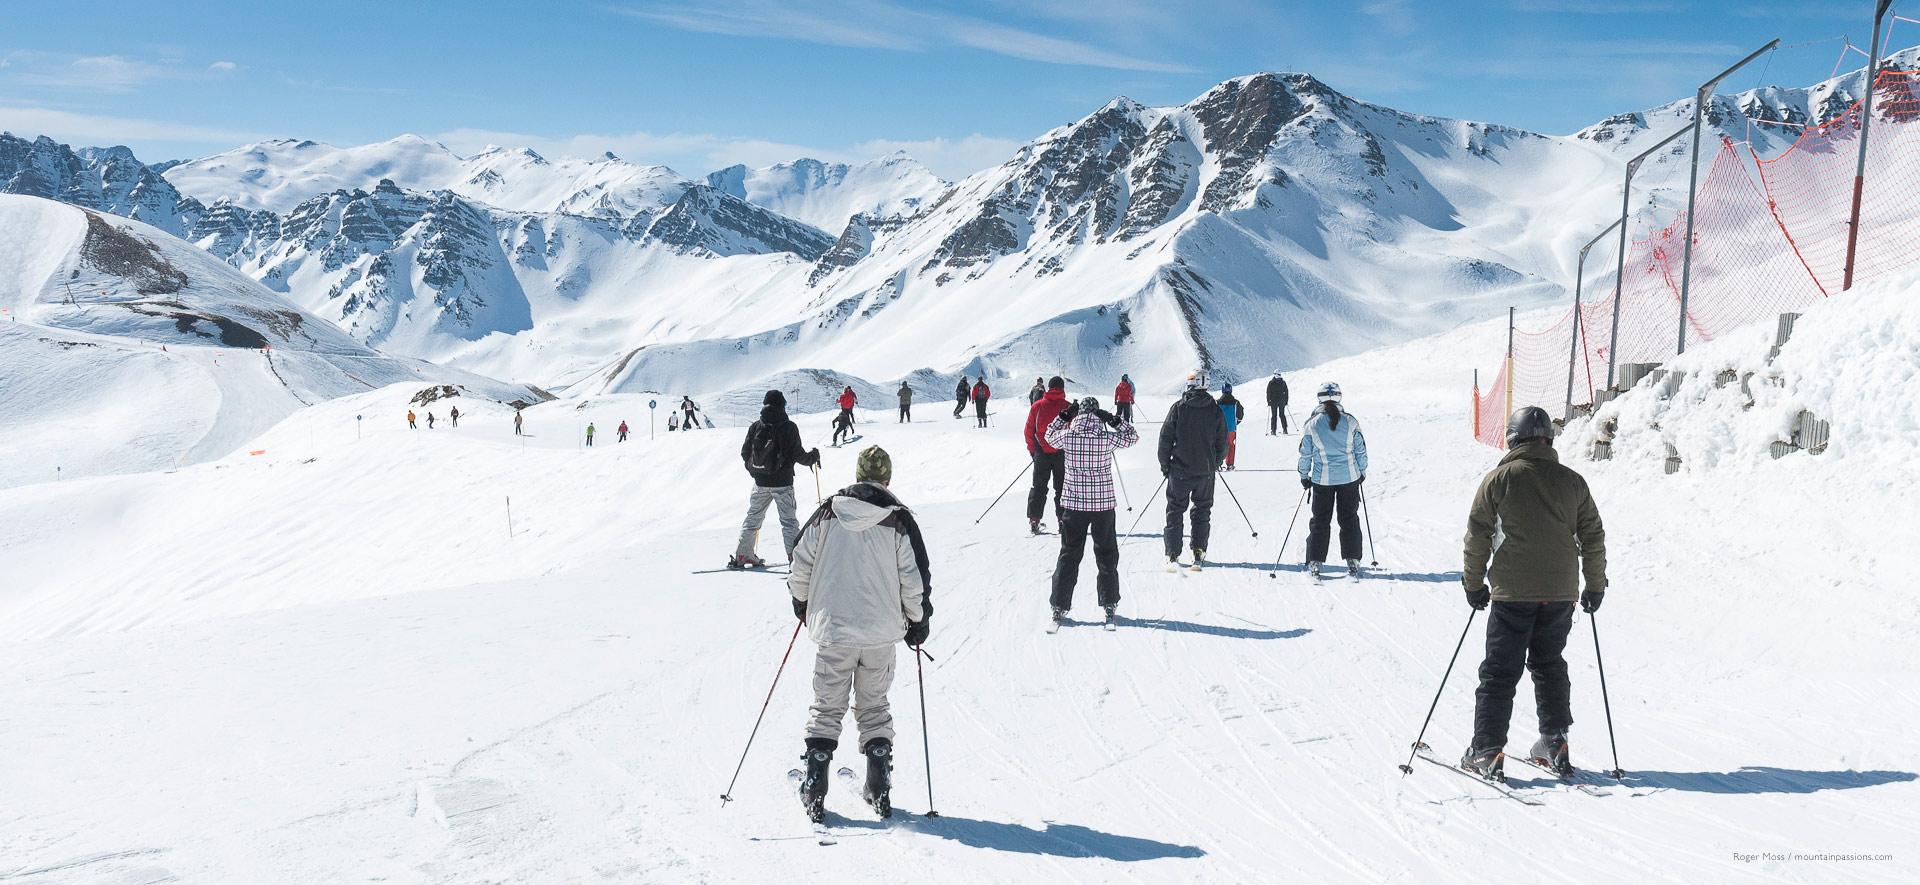 Groups of skiers on wide piste between ski areas